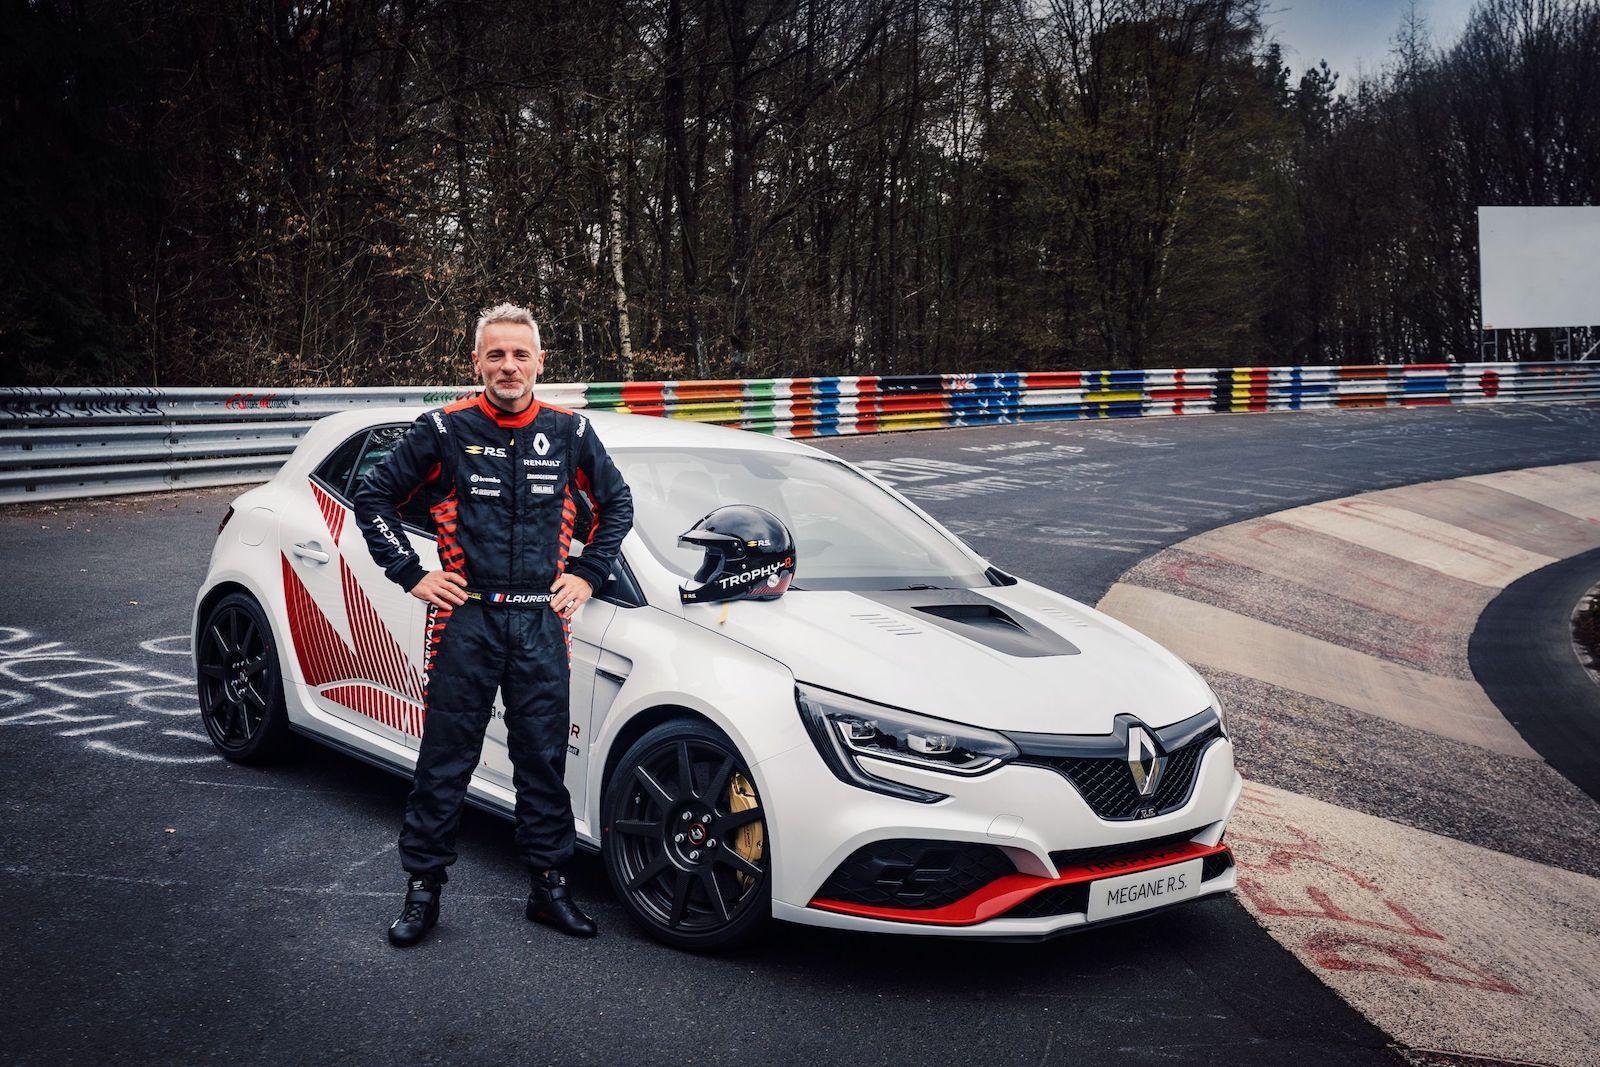 Renault Megane Rs Trophy R Mit Neuem Rundenrekord Fur Fronttriebler Auf Der Nurburgring Nordschleife Trackdaysport